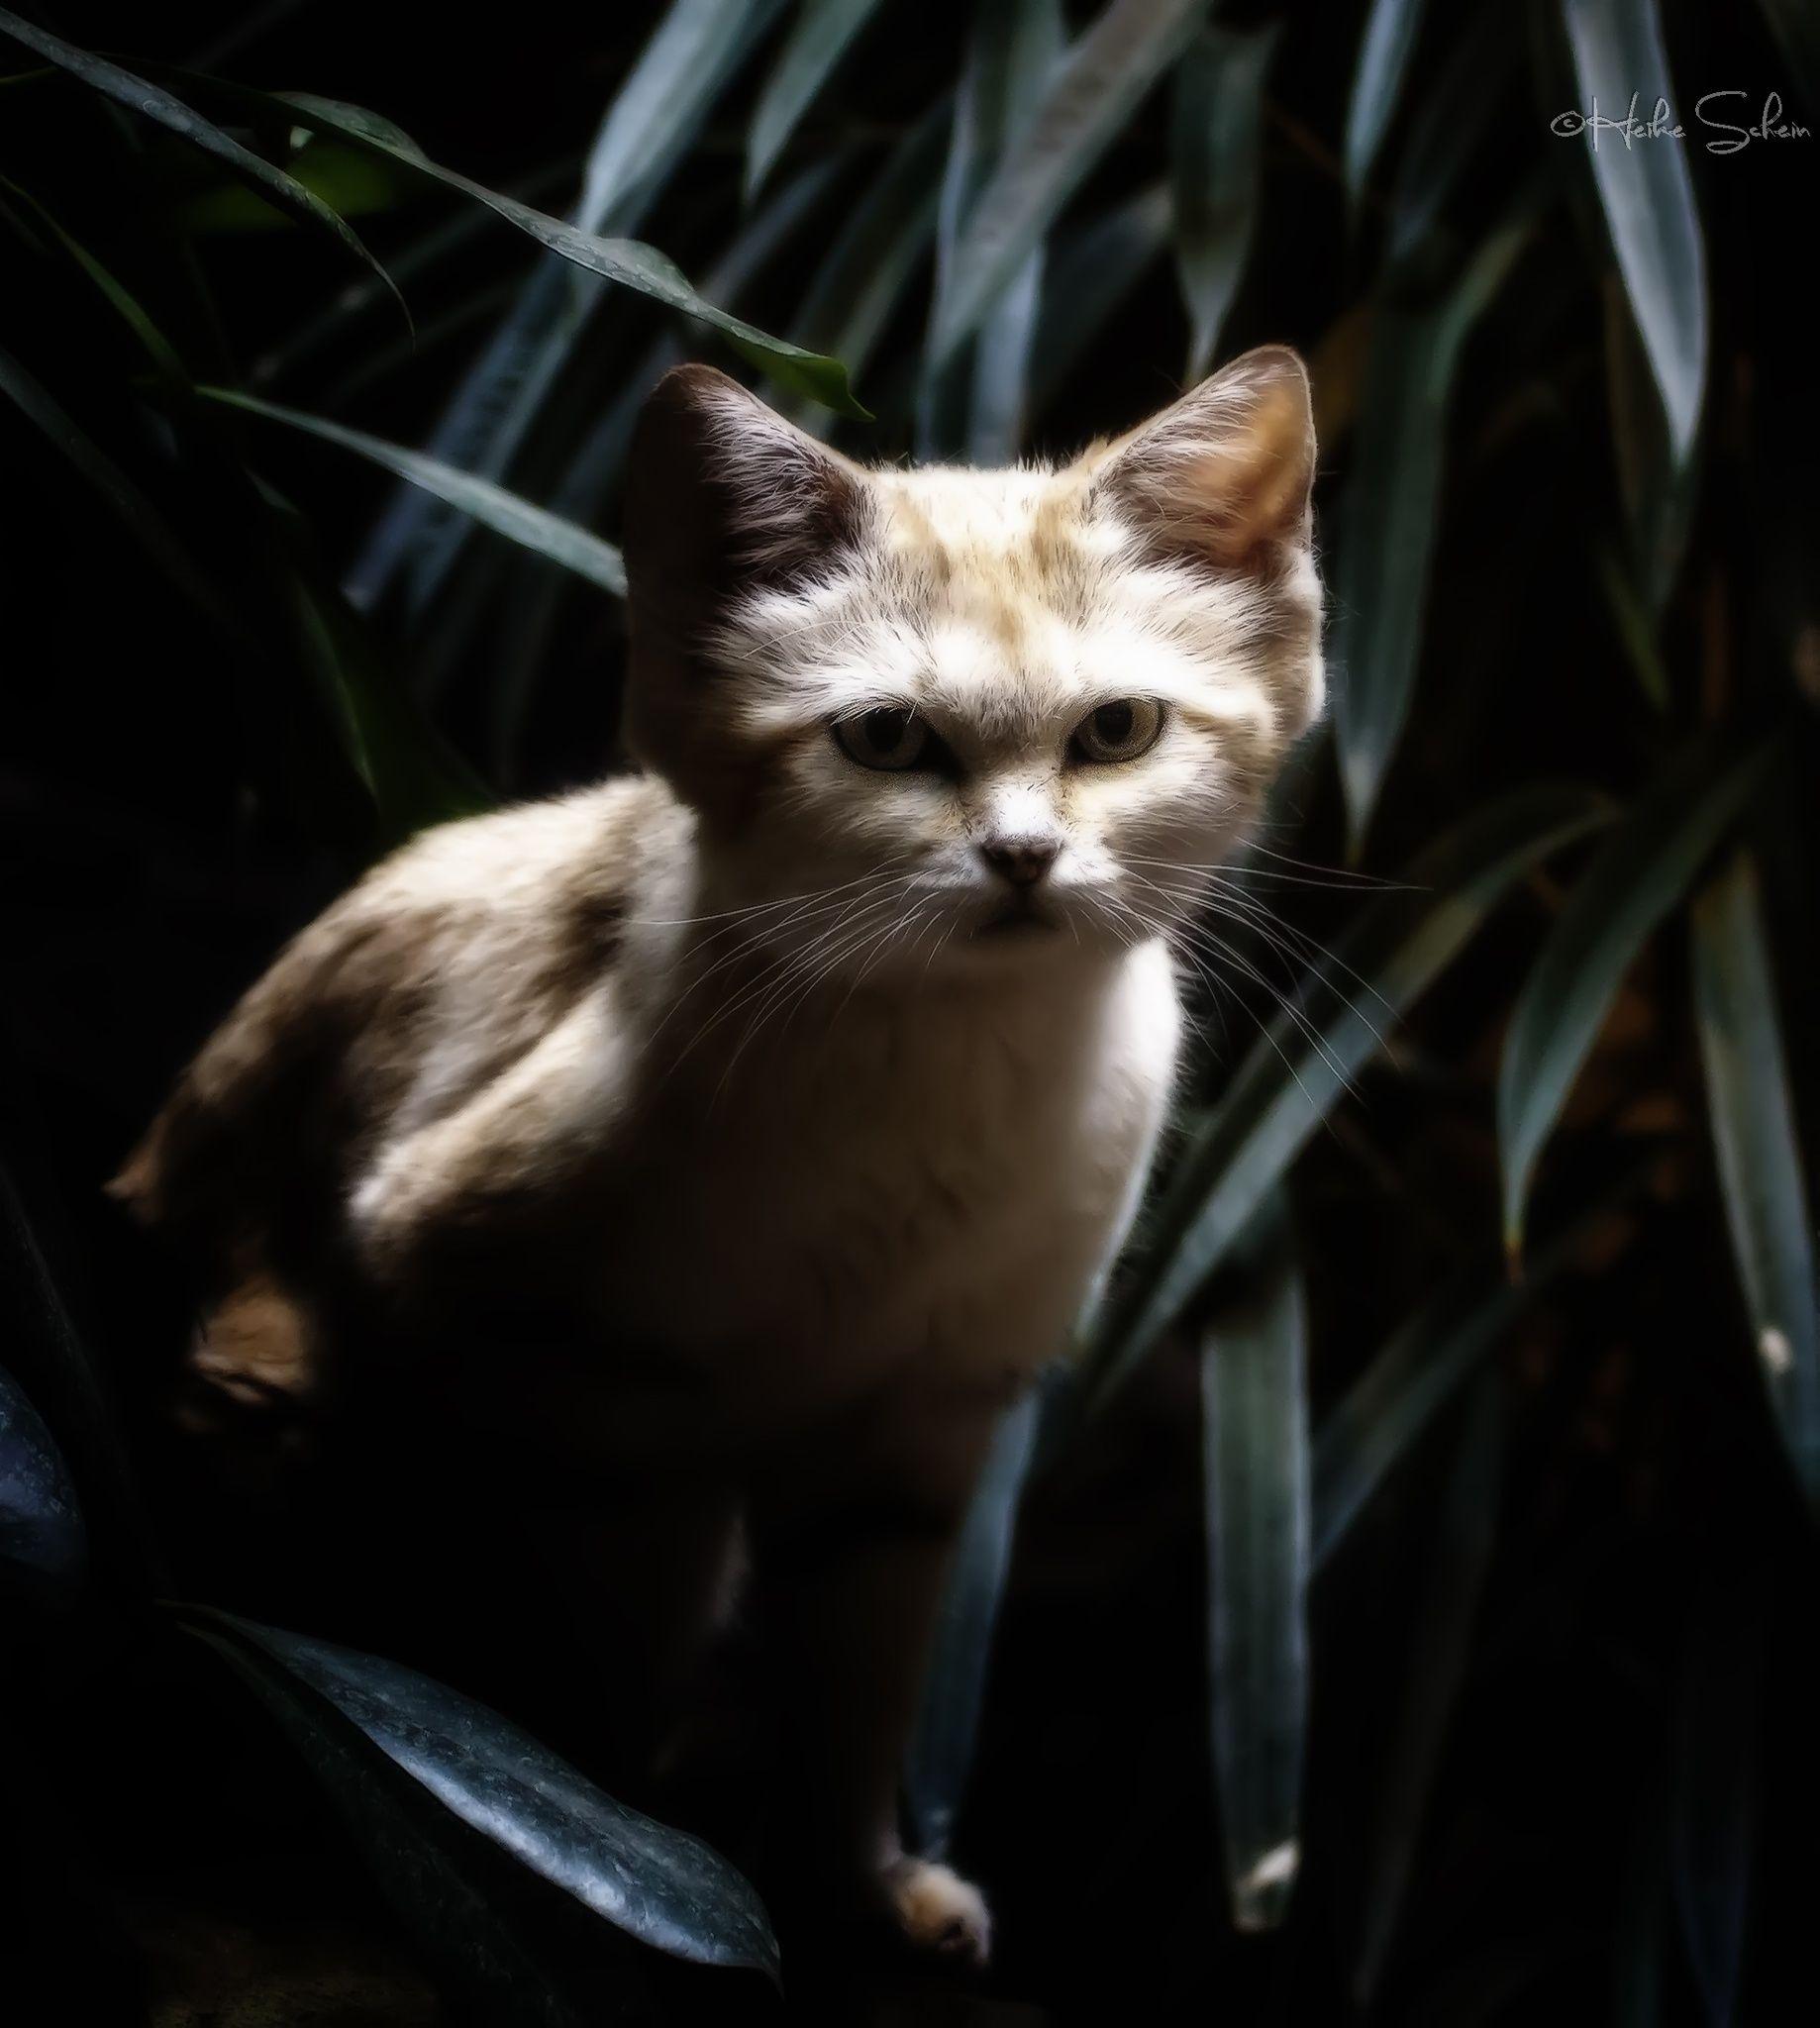 Sandkatze by Heike Schein Sand cat, Cats, Animals